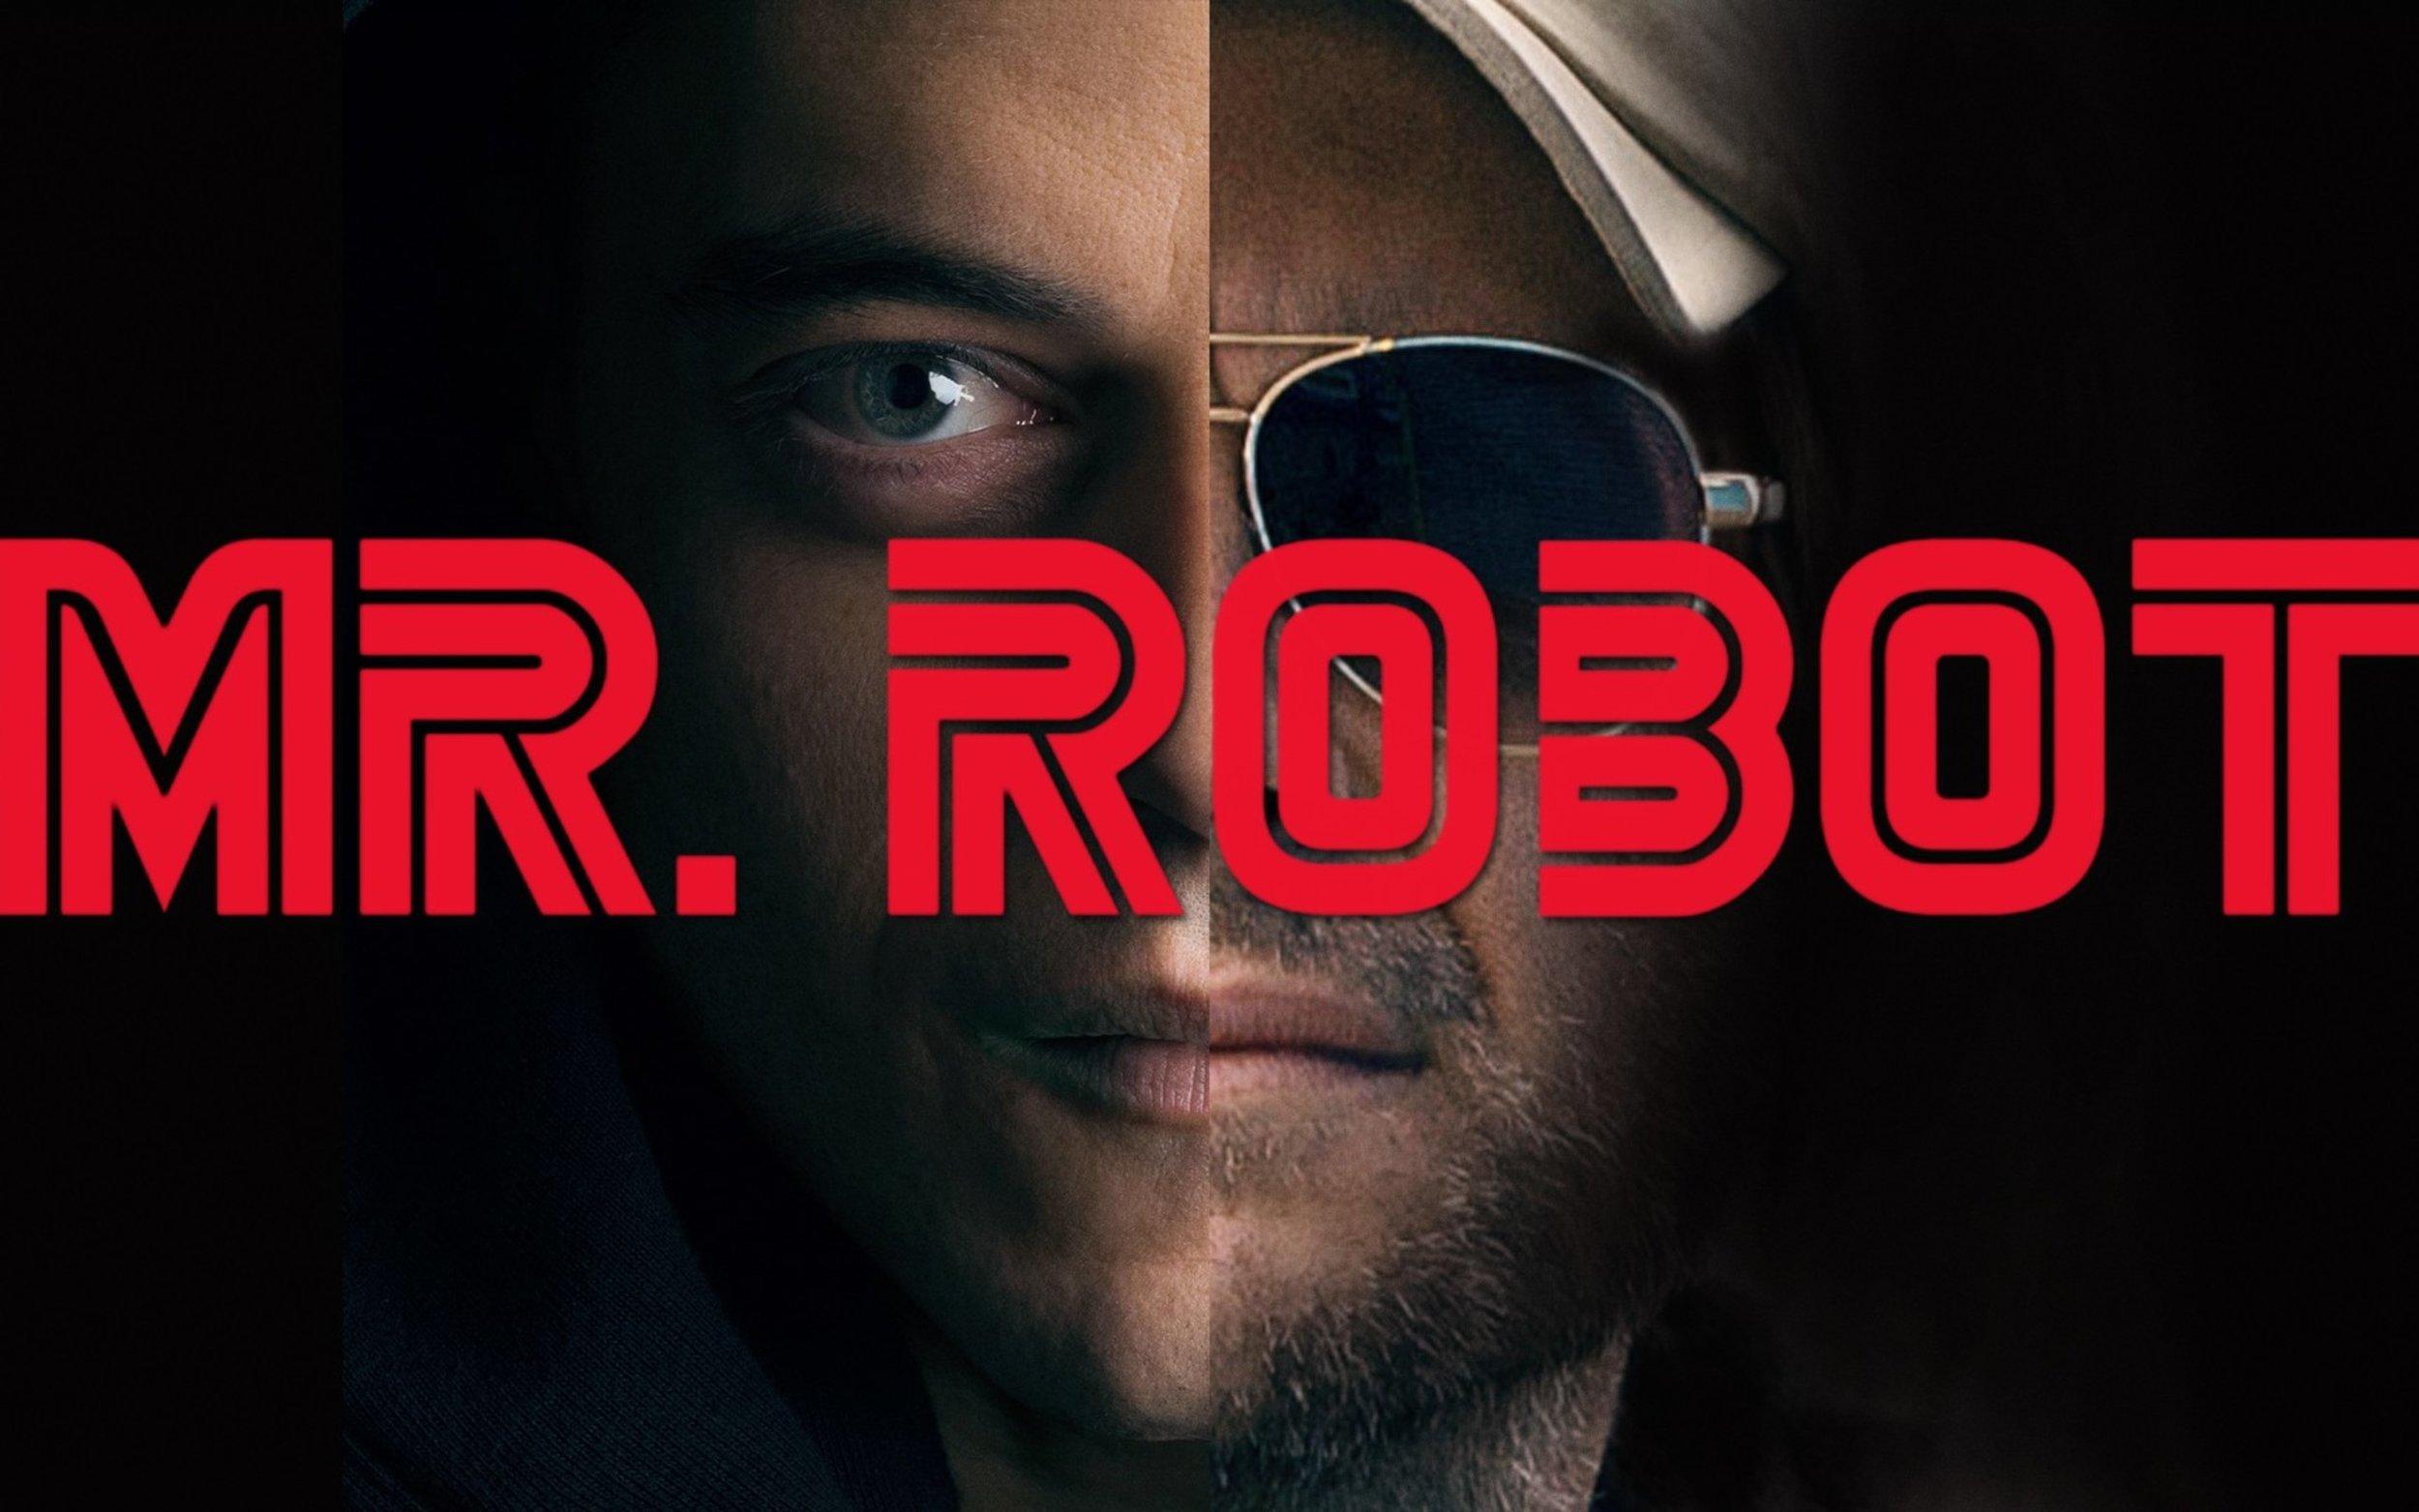 mr-robot-full-hd-poster-2880x1800.jpg